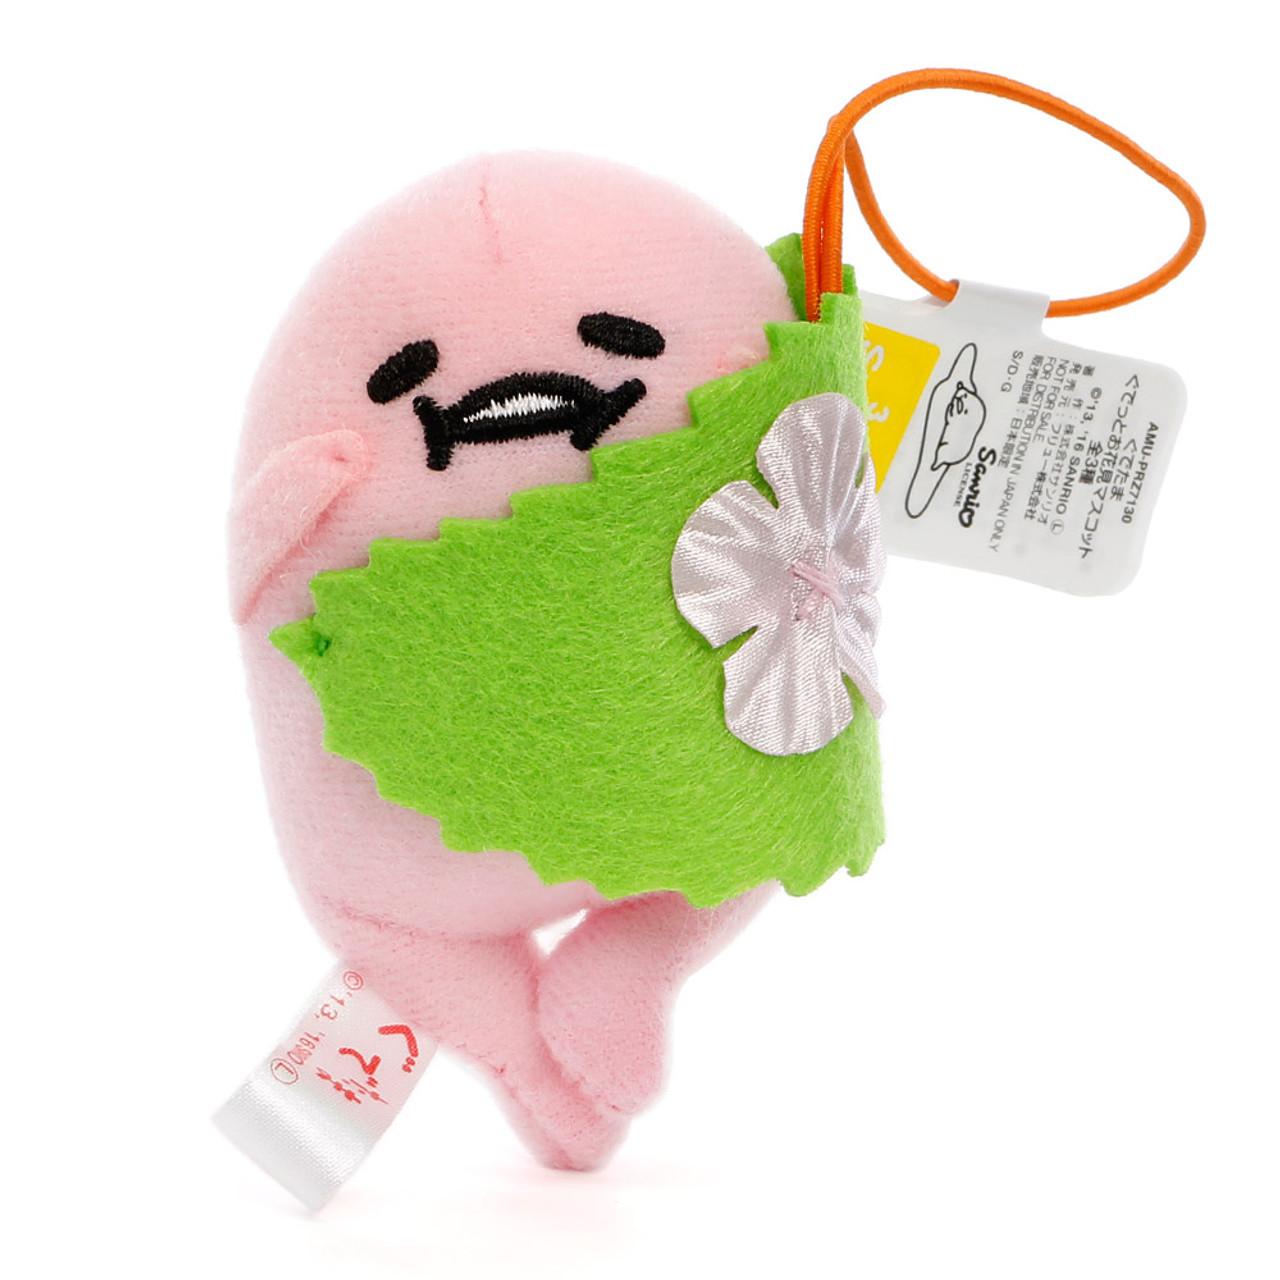 Sanrio Gudetama Lazy Egg Sakura Mascot Plush Charms - Cherry Blossom Rice Cake ( Front View )